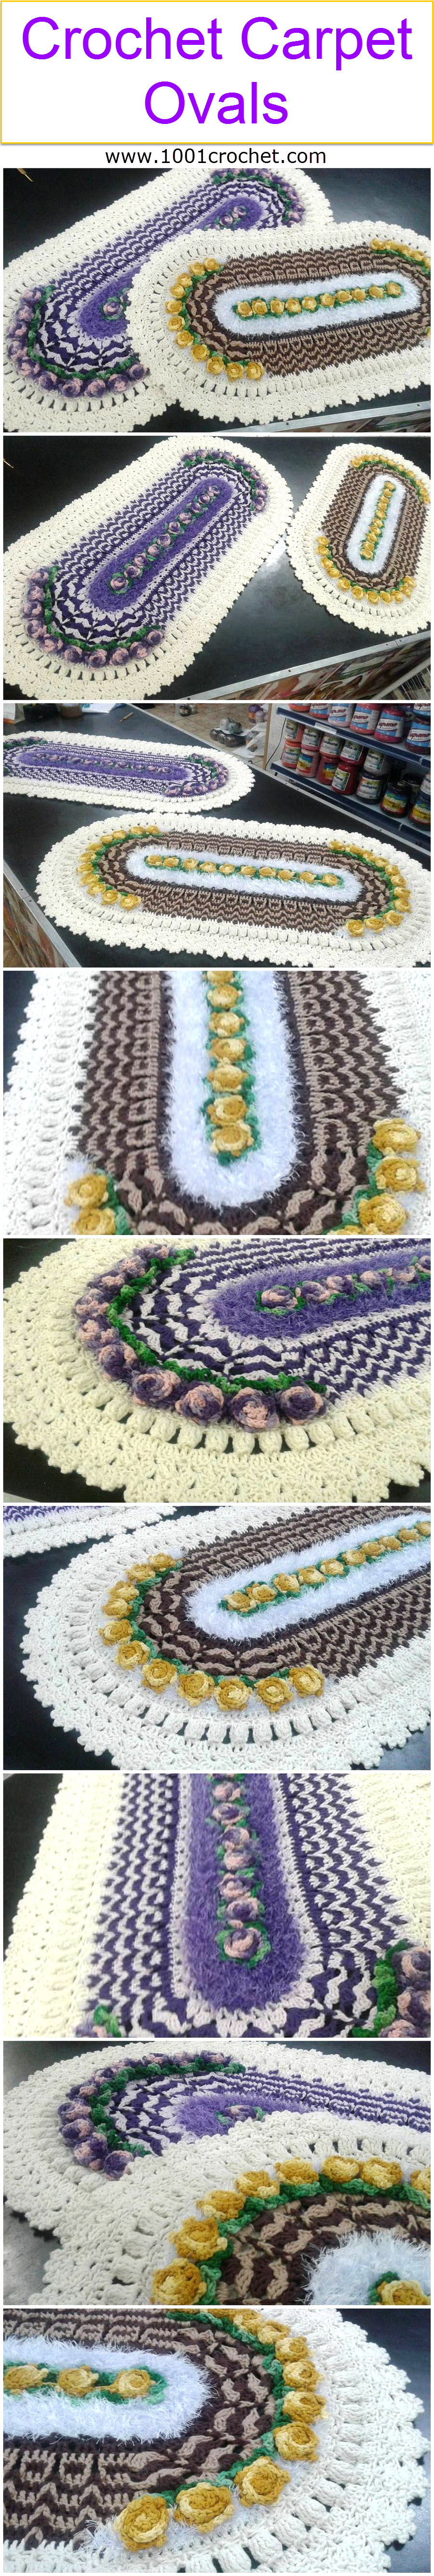 crochet-carpet-ovals